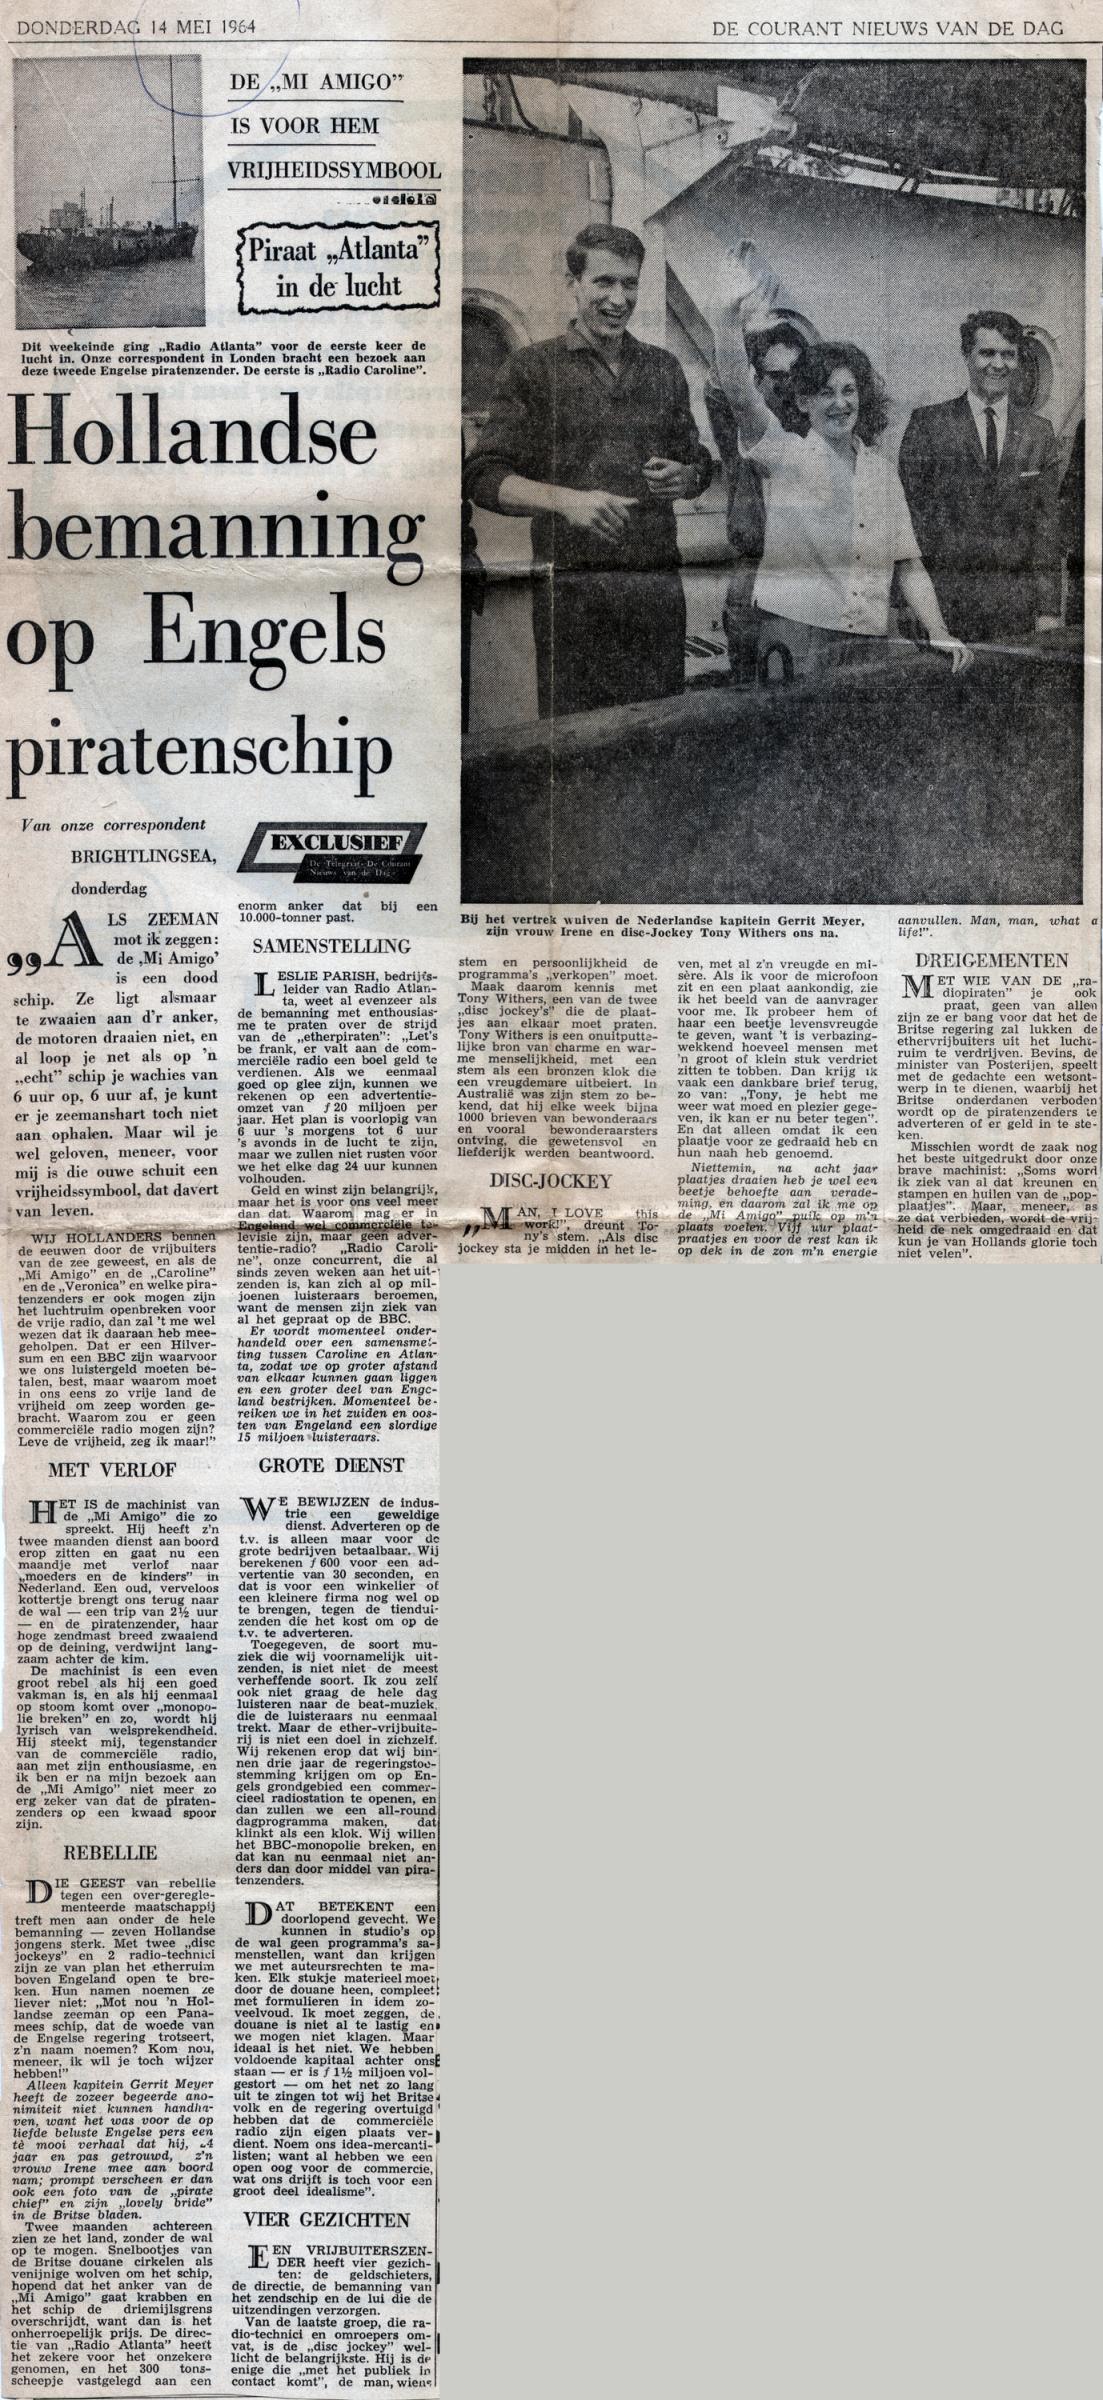 19640514_Courant_vd_dag_Atlanta_Hollandse_bemanning.jpg